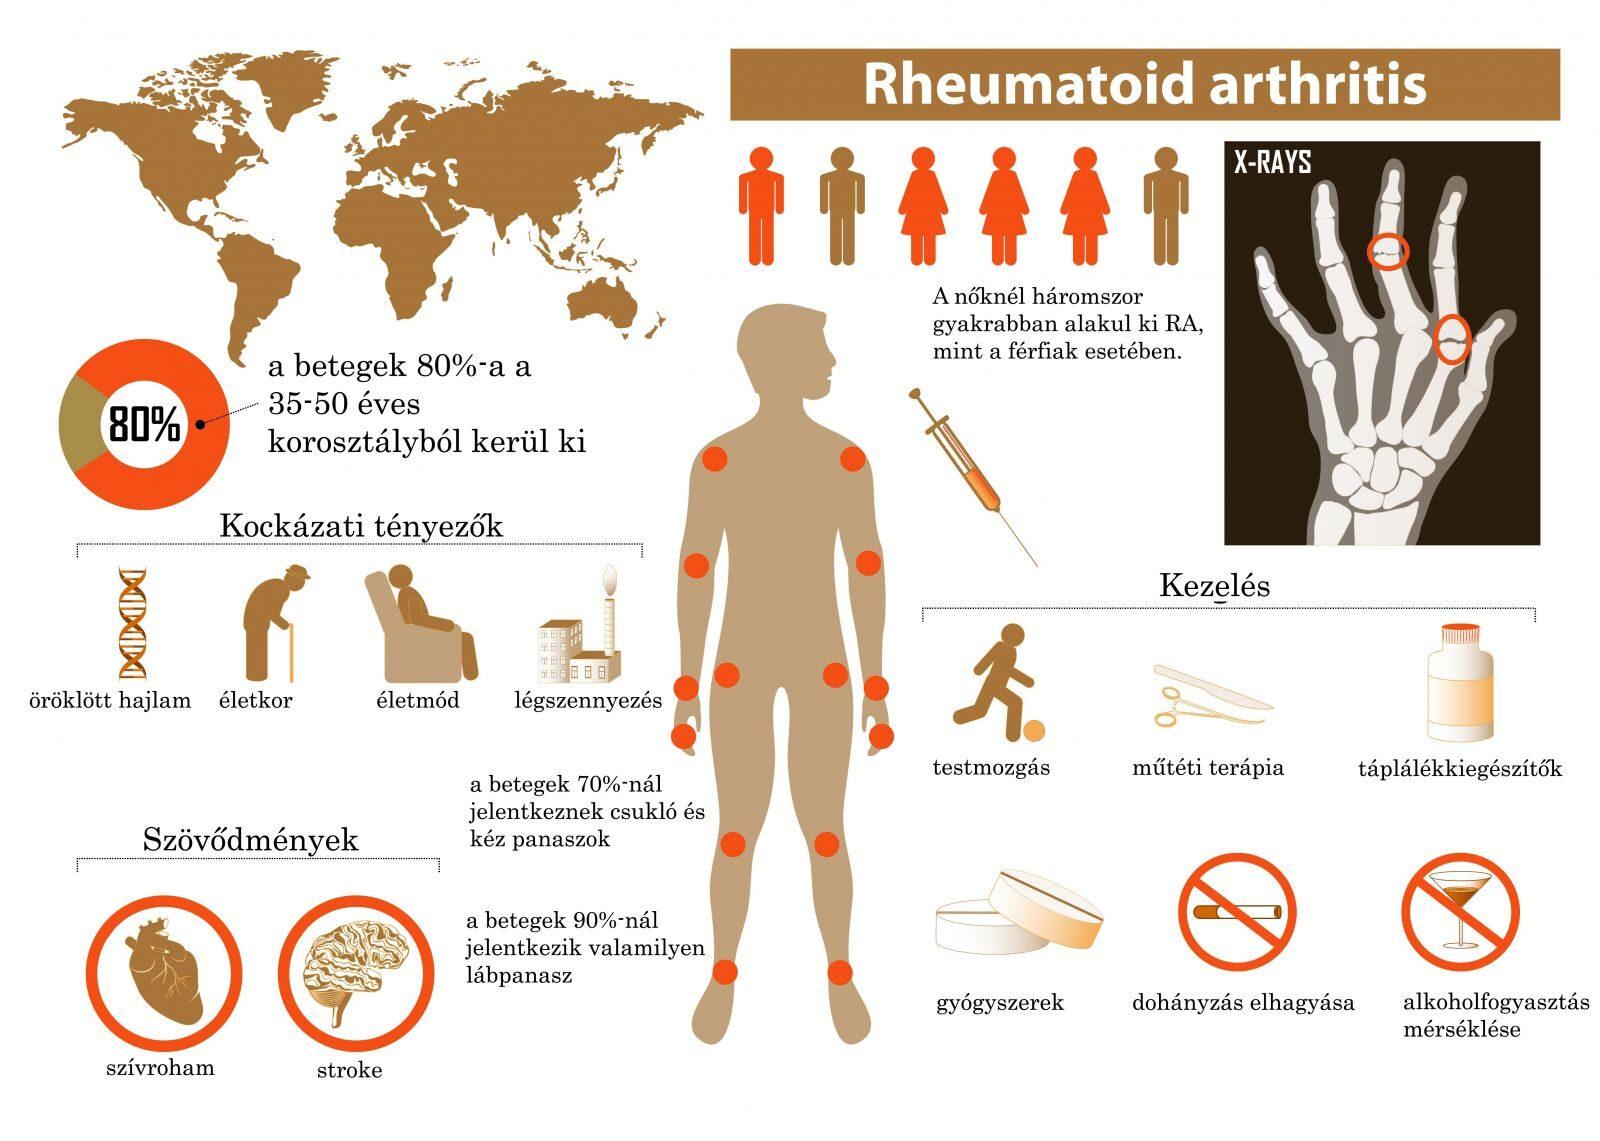 a kéz arthrosis kezelése gyógyszeres kezelés)